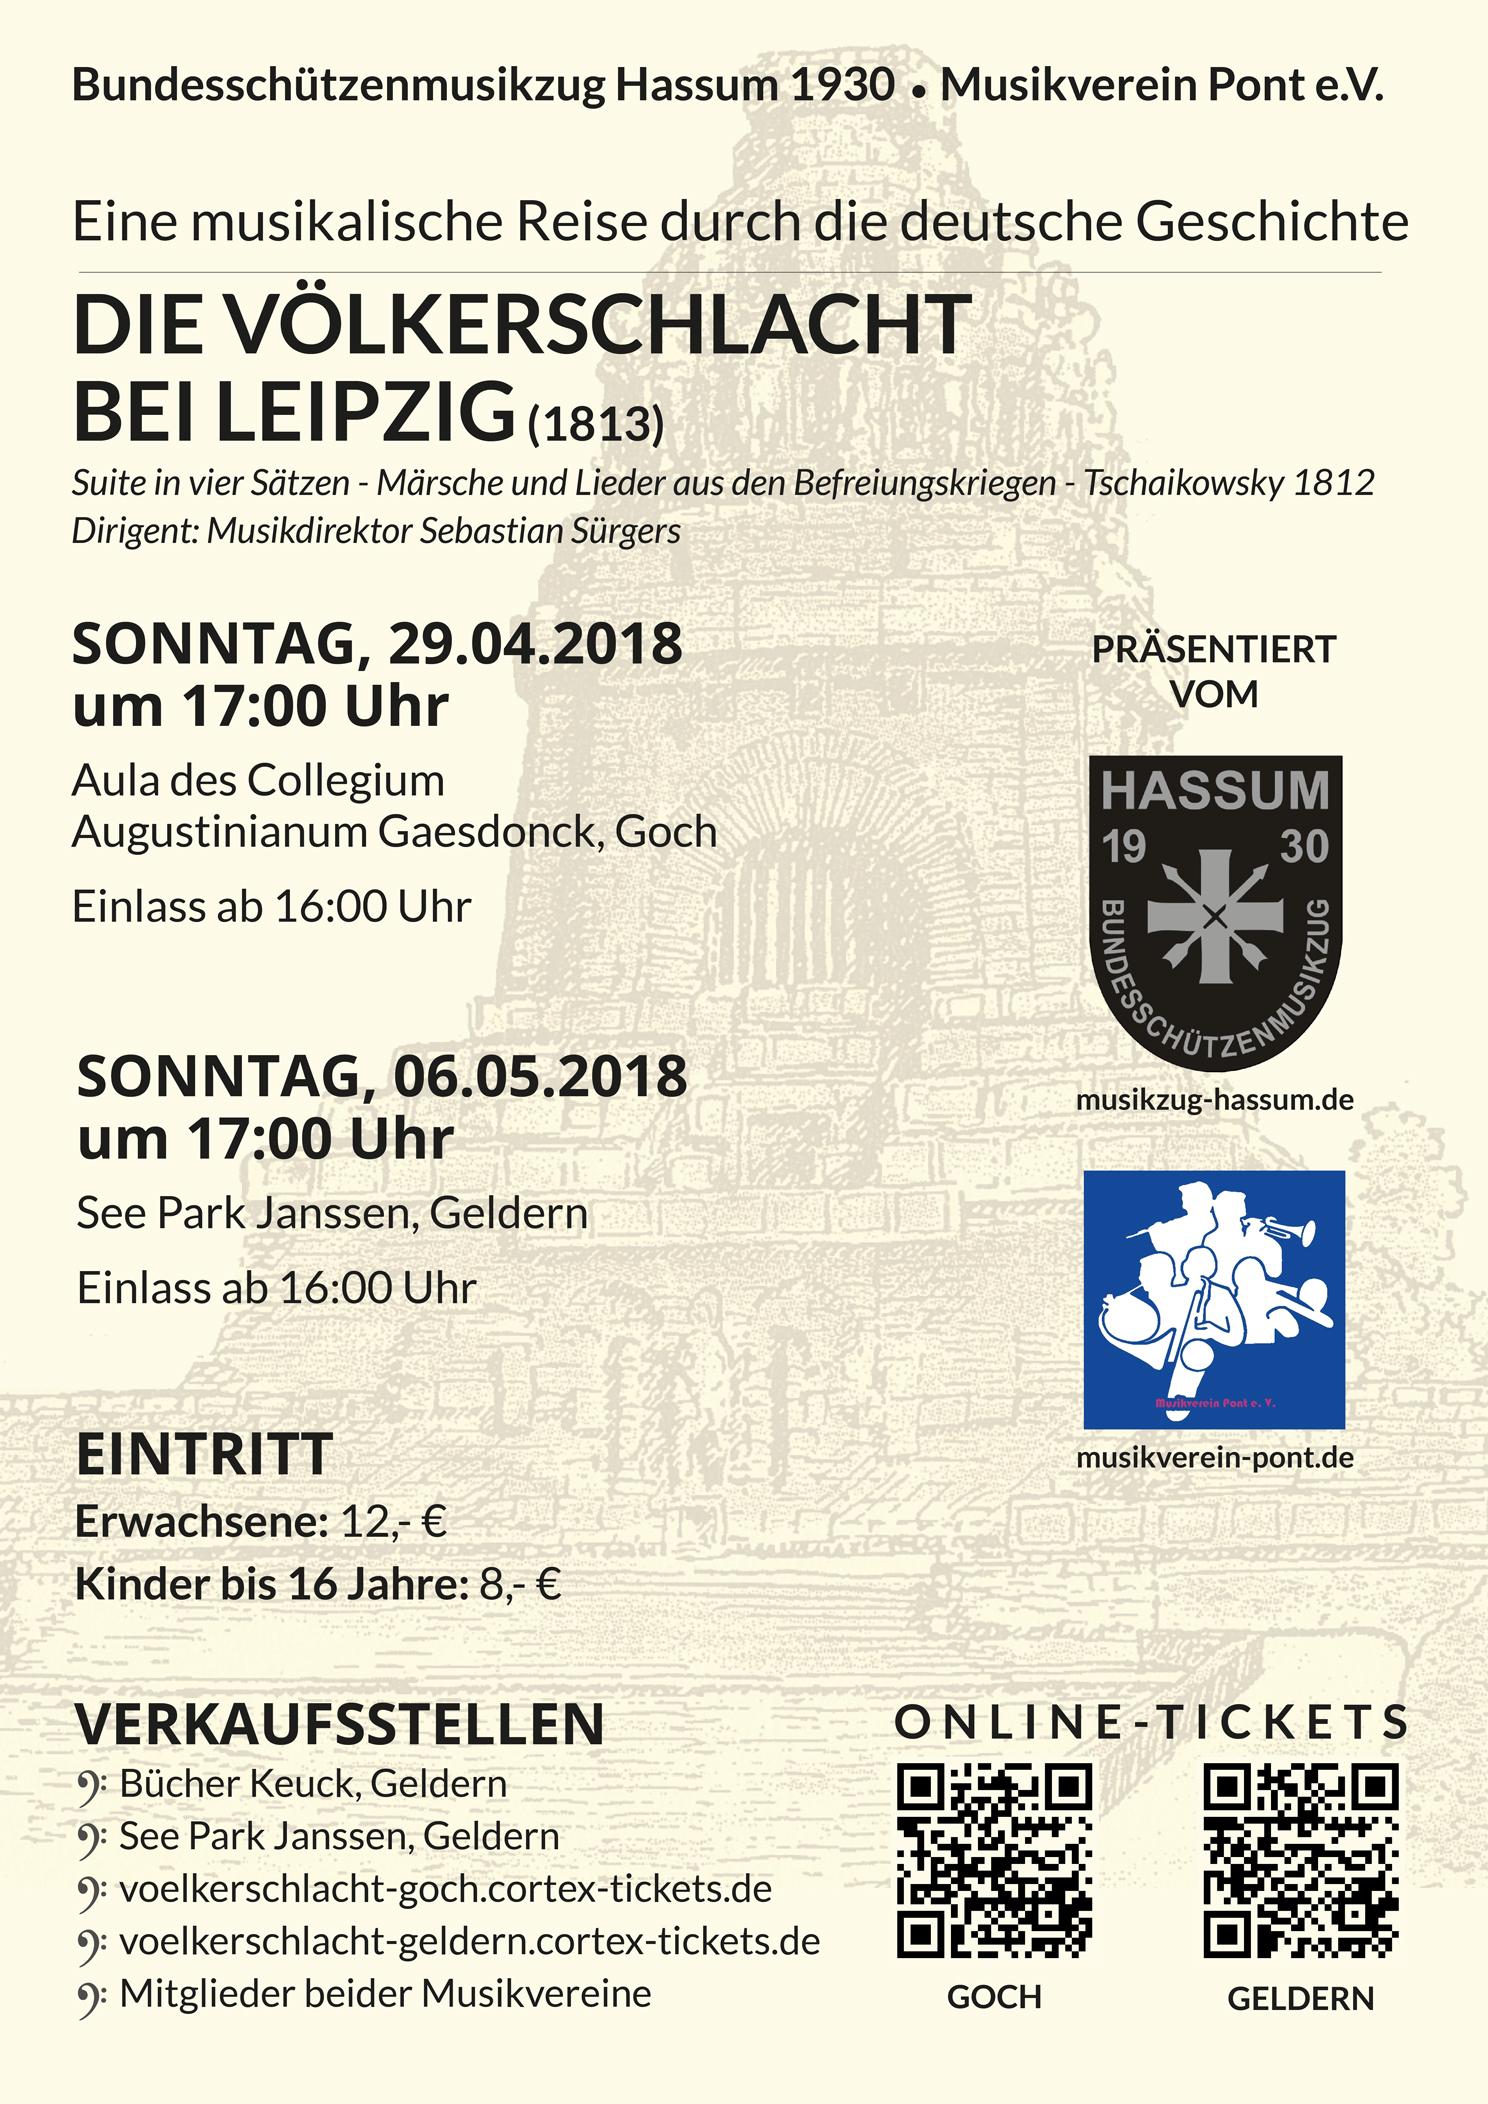 VORSCHAU: Die Völkerschlacht bei Leipzig – Ein Serenadenkonzert der Extraklasse!